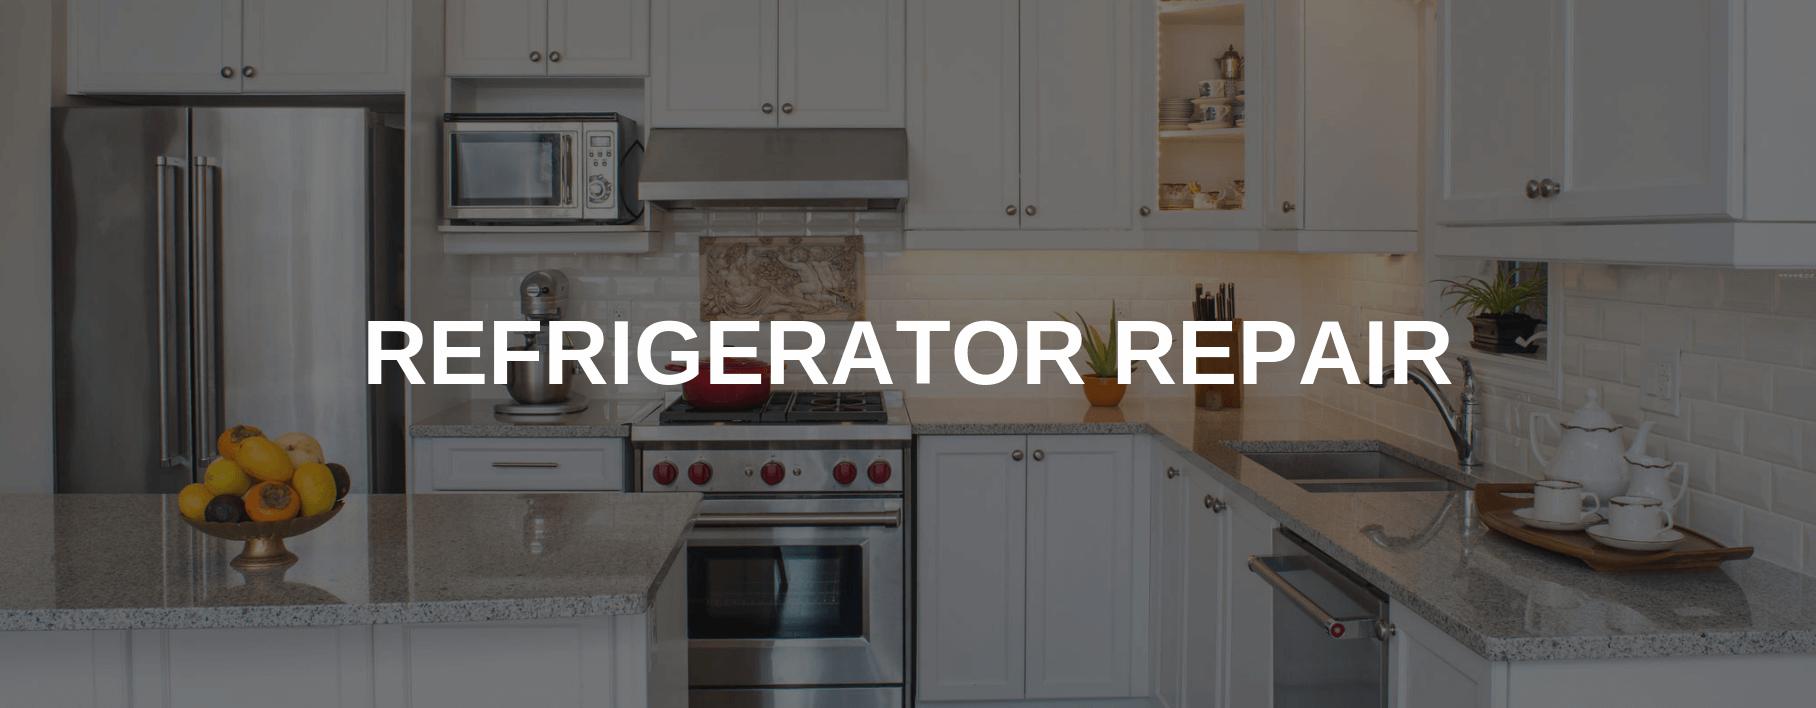 refrigerator repair hartford